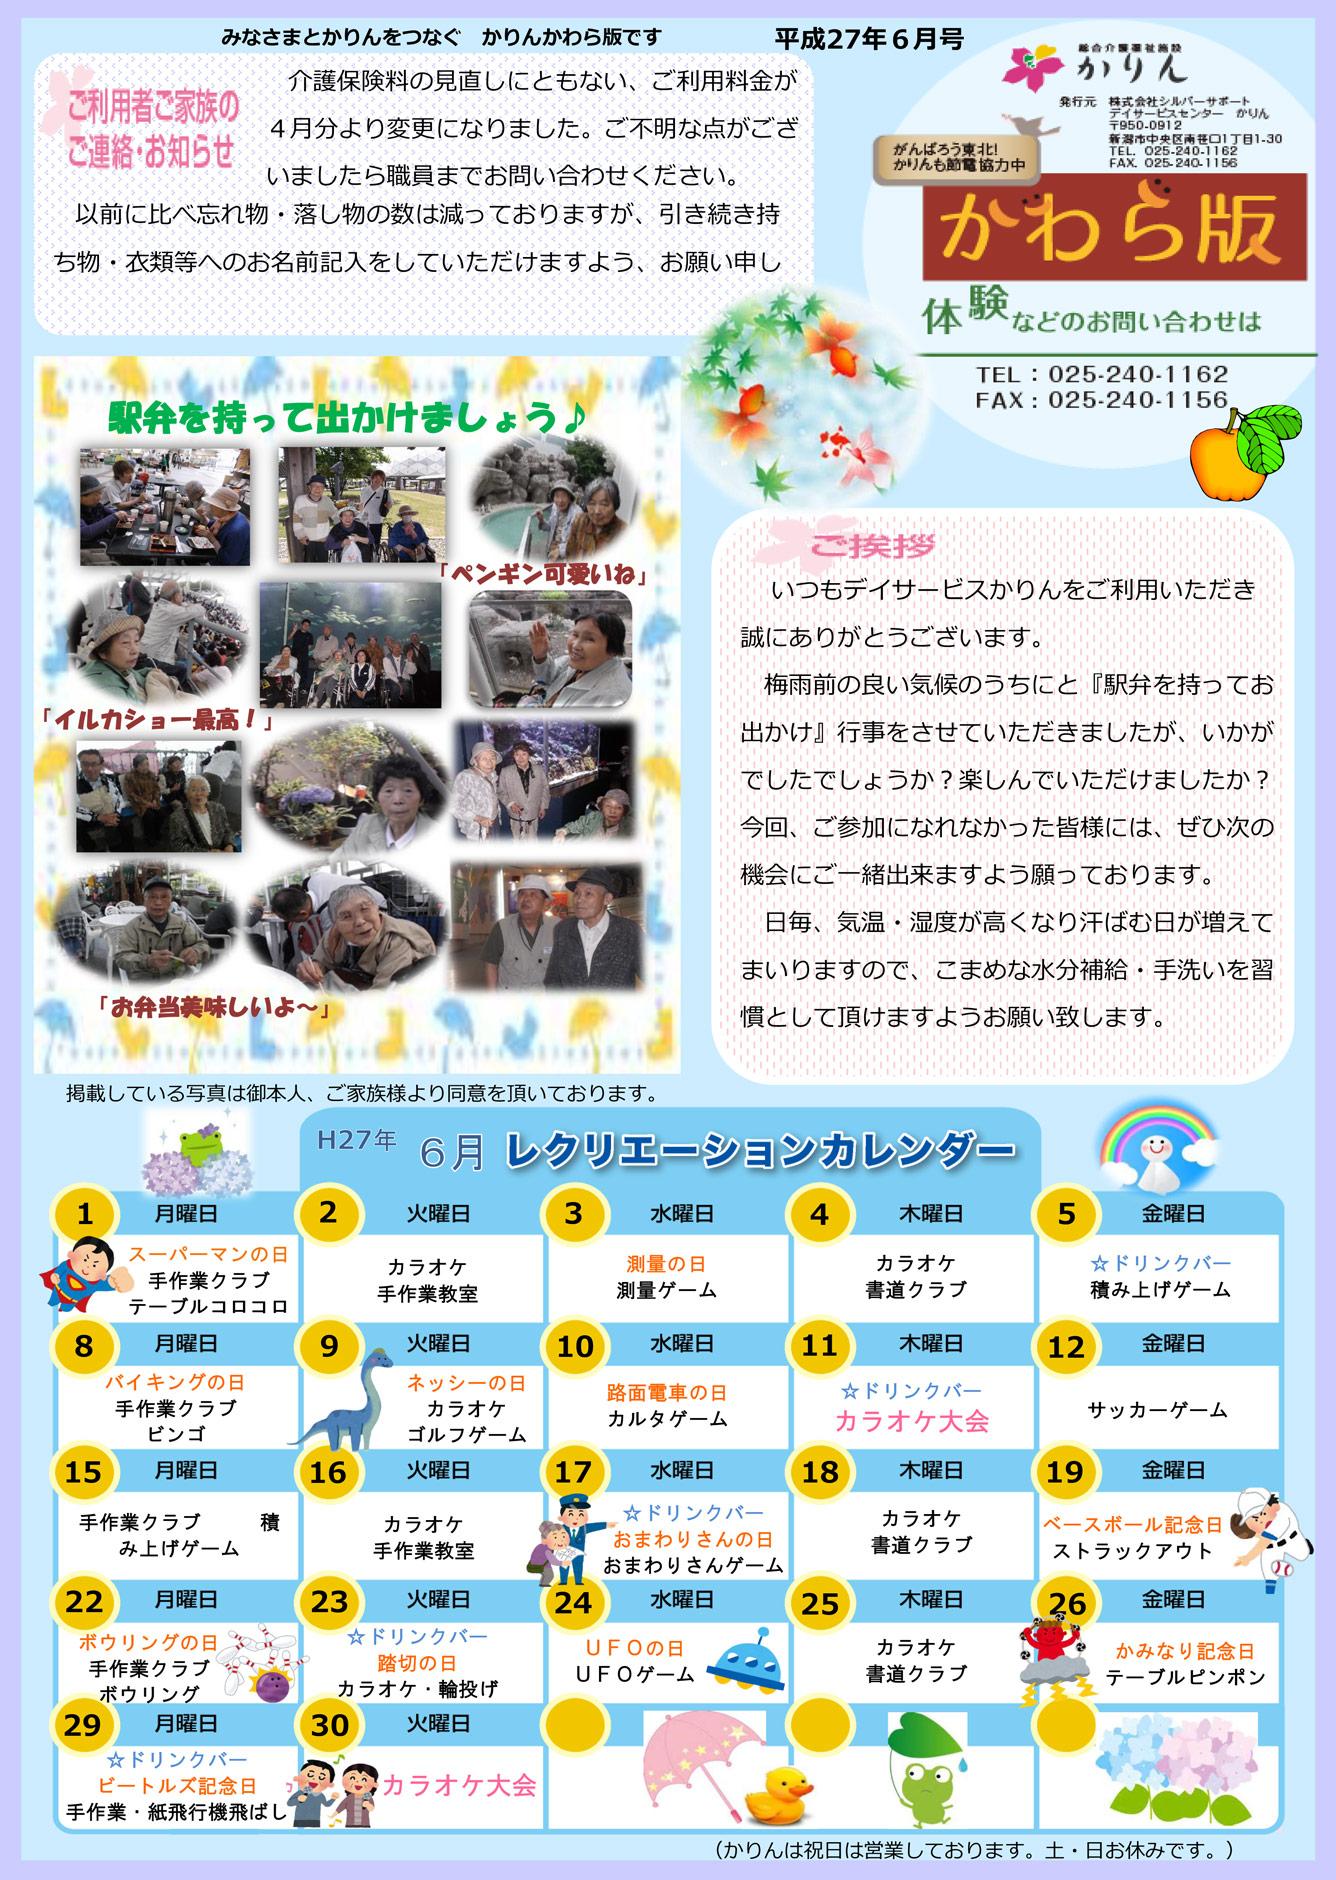 2015年6月かわら版「かりんカラオケ大会開催!!」表